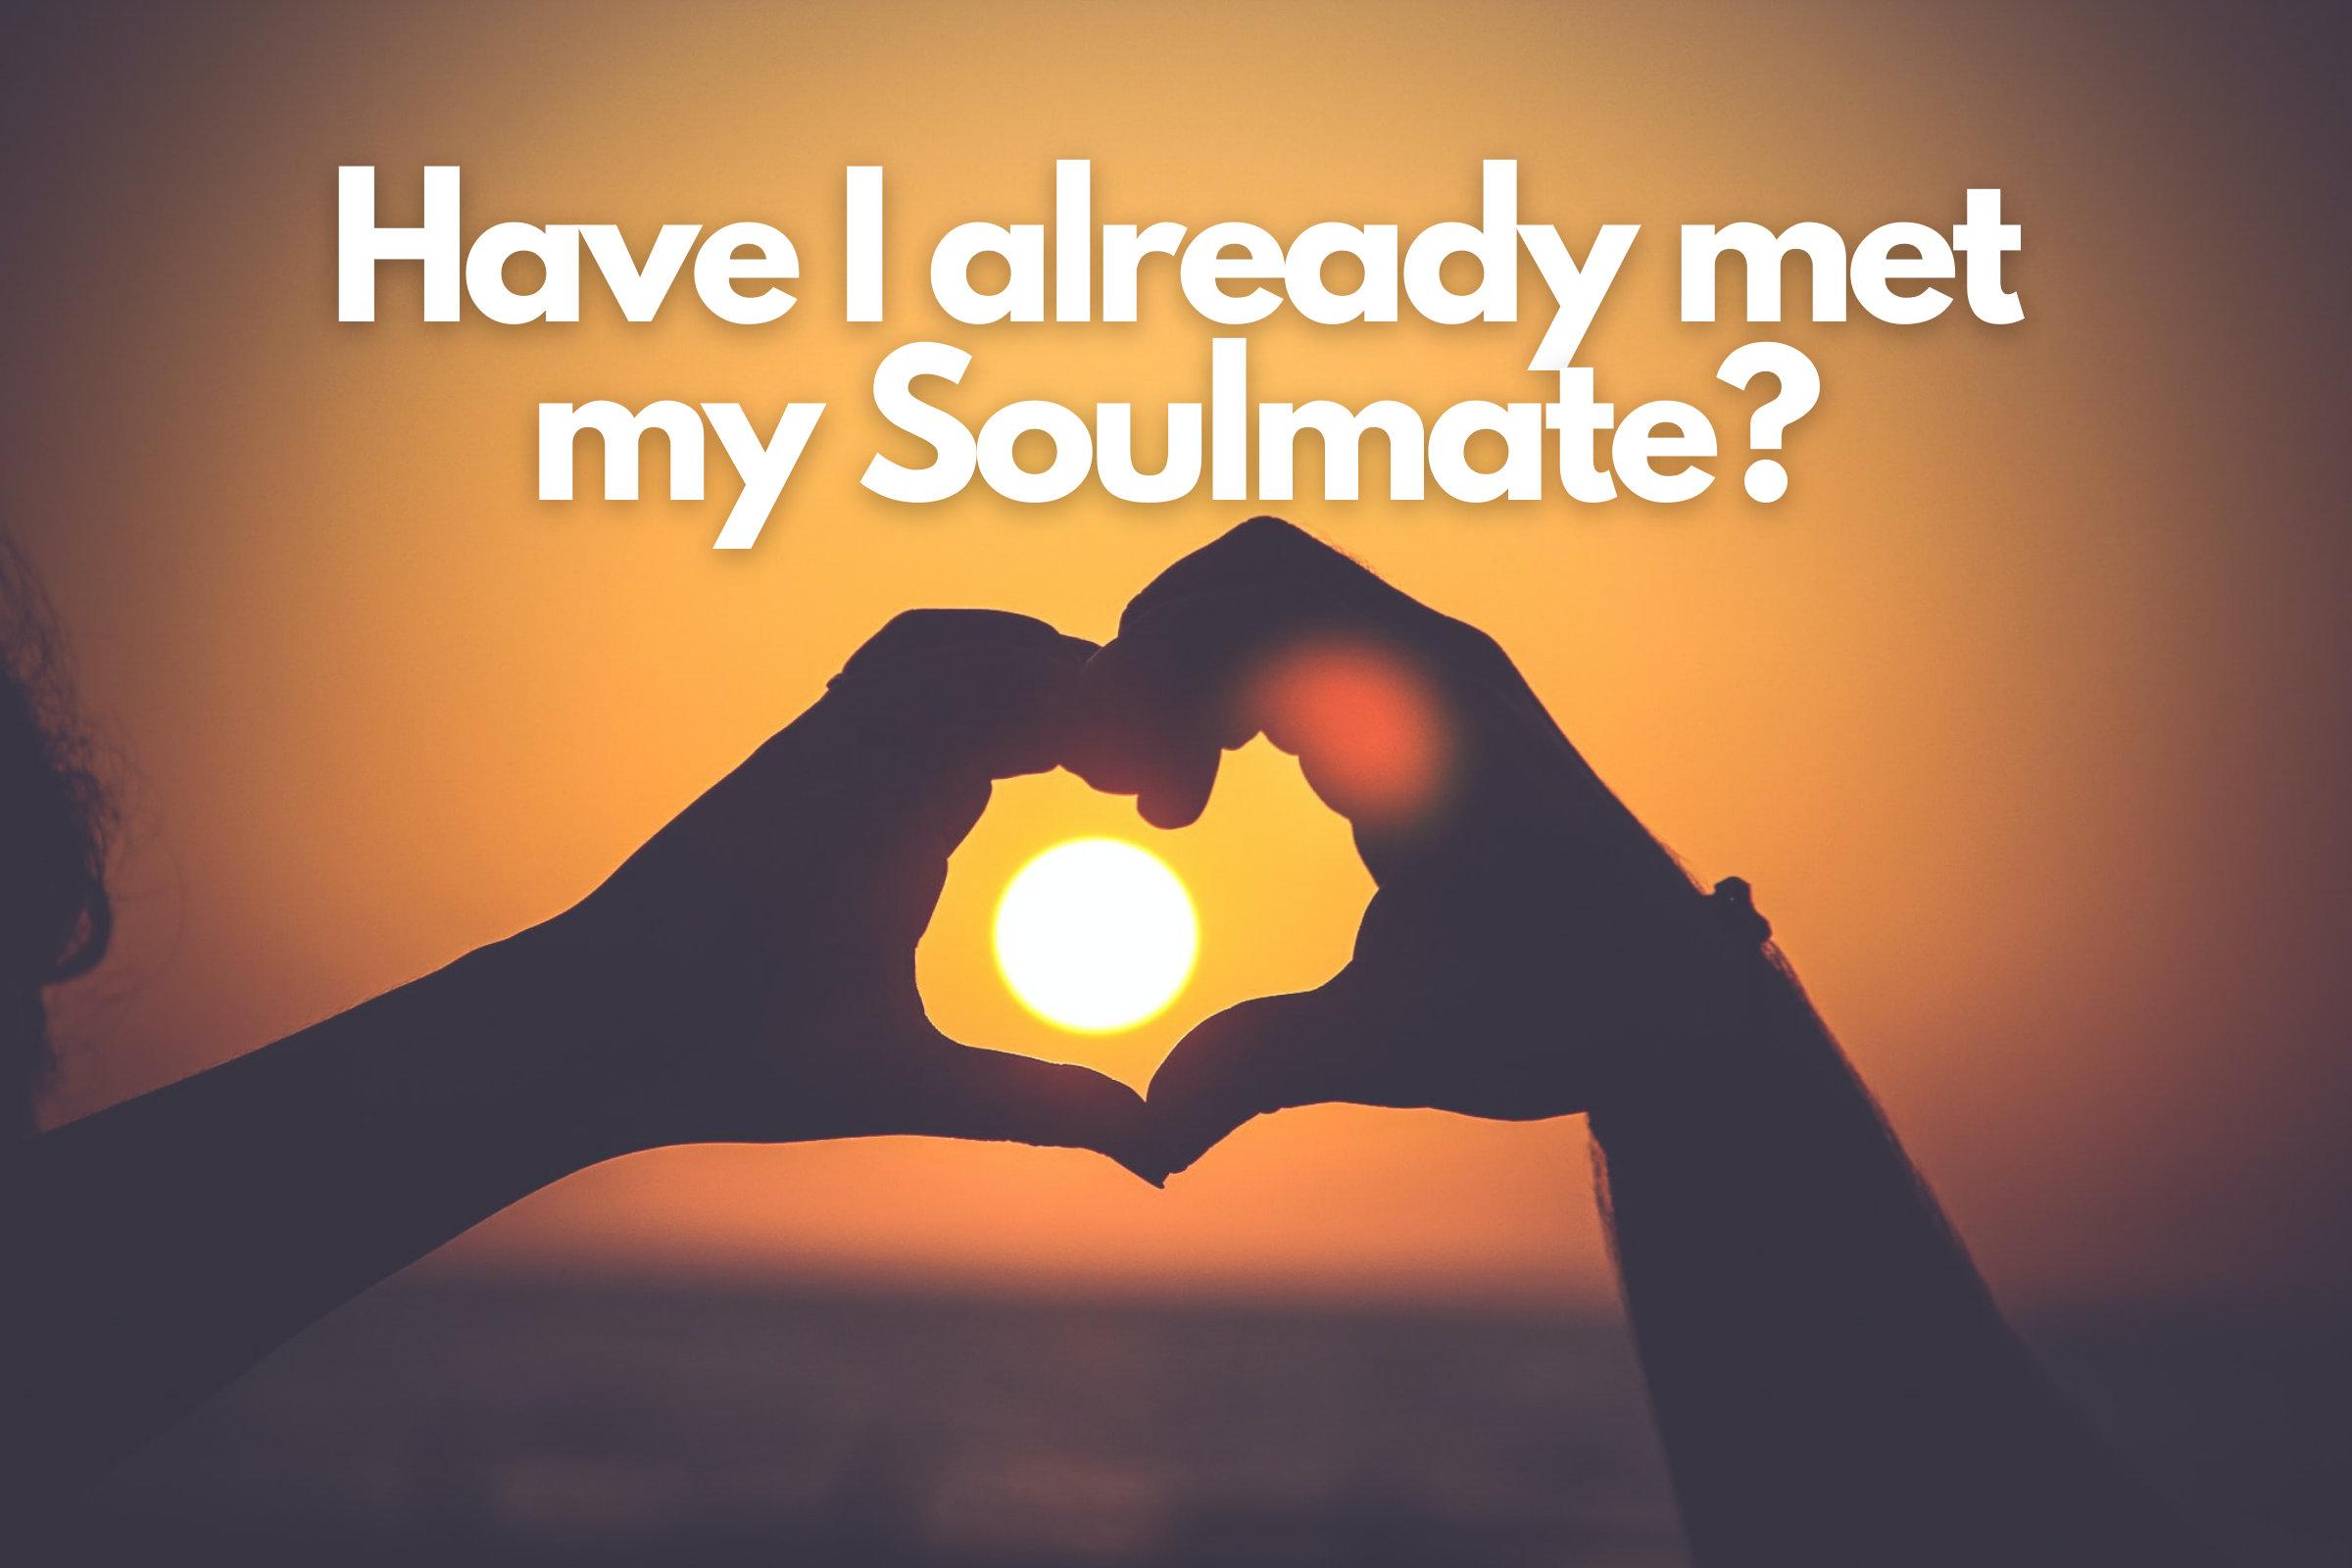 Have i met my soulmate